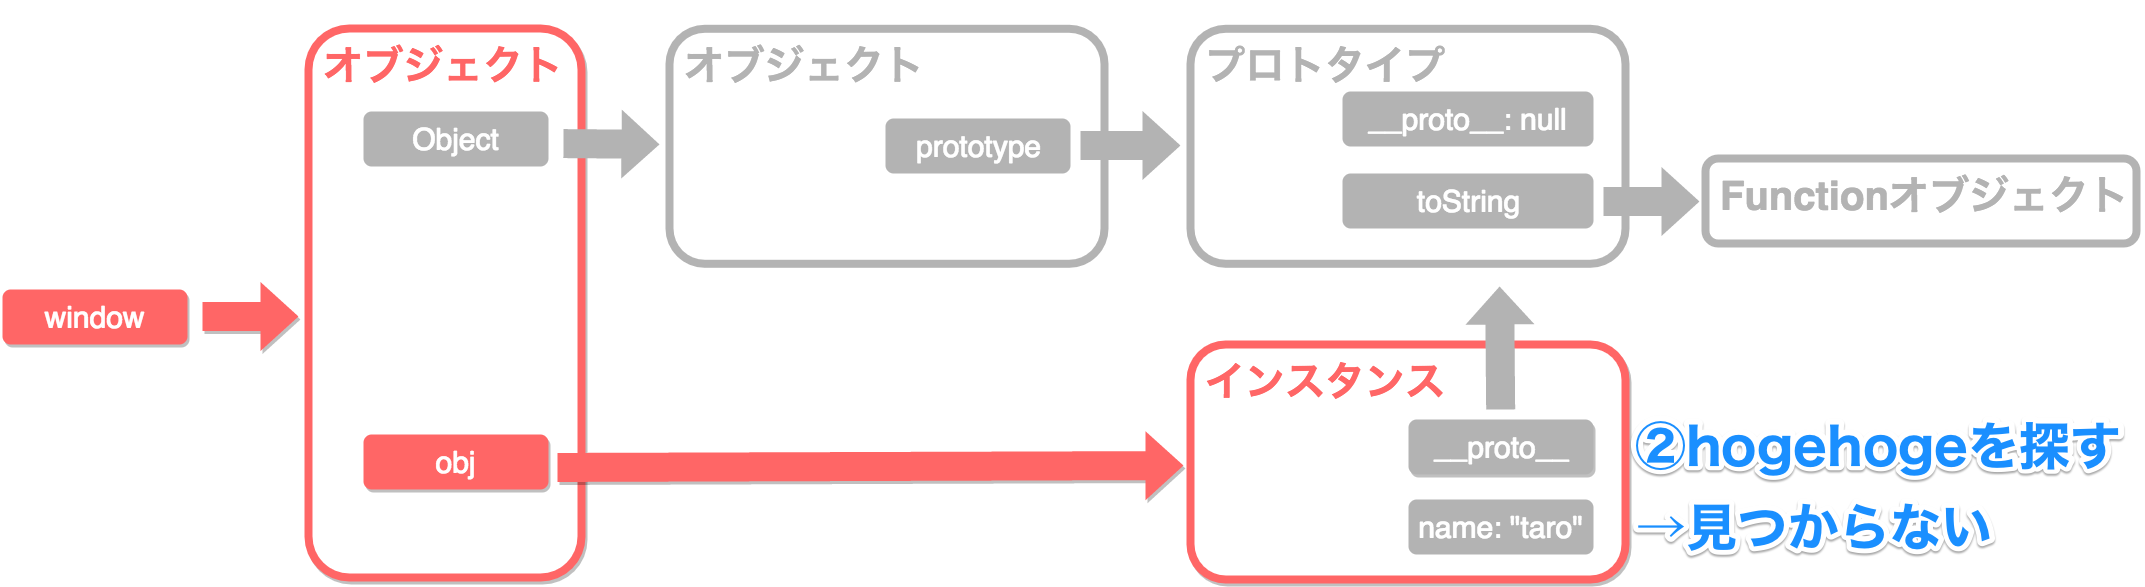 プロトタイプチェーン3_2.png